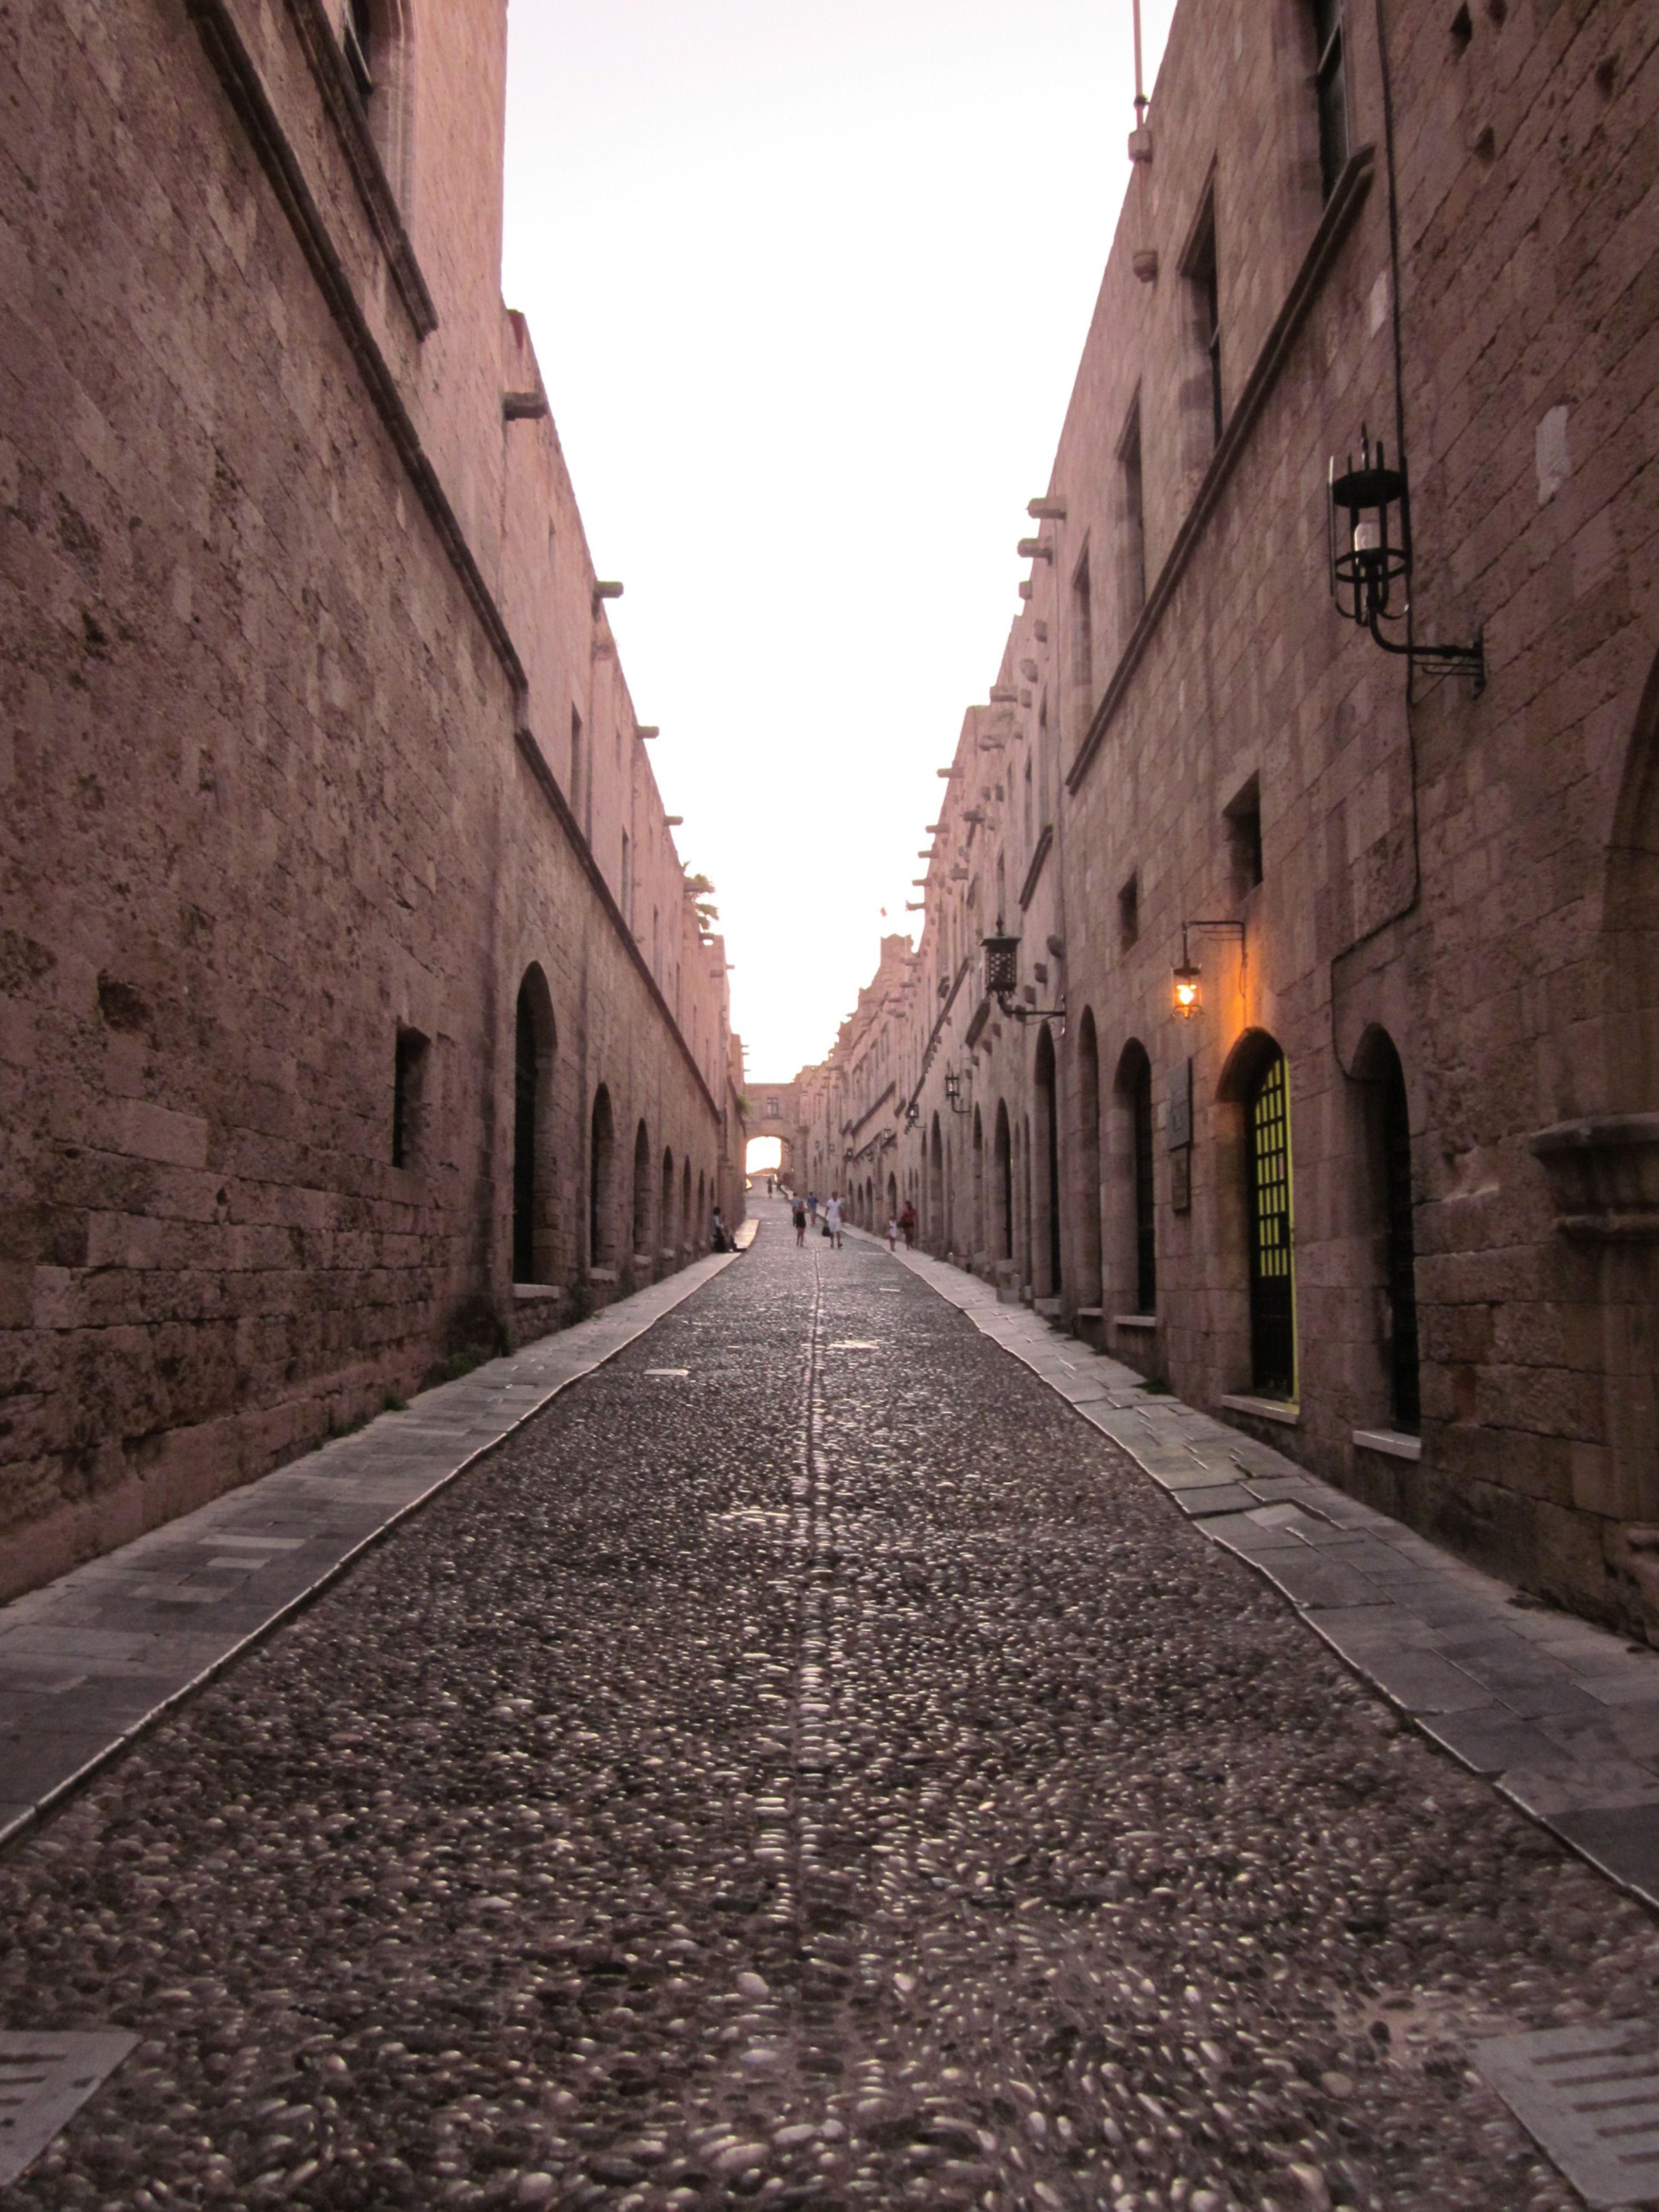 Kävelyllä Rodoksen vanhan kaupungin kujilla. #Rhodes #Greece #Aurinkomatkat